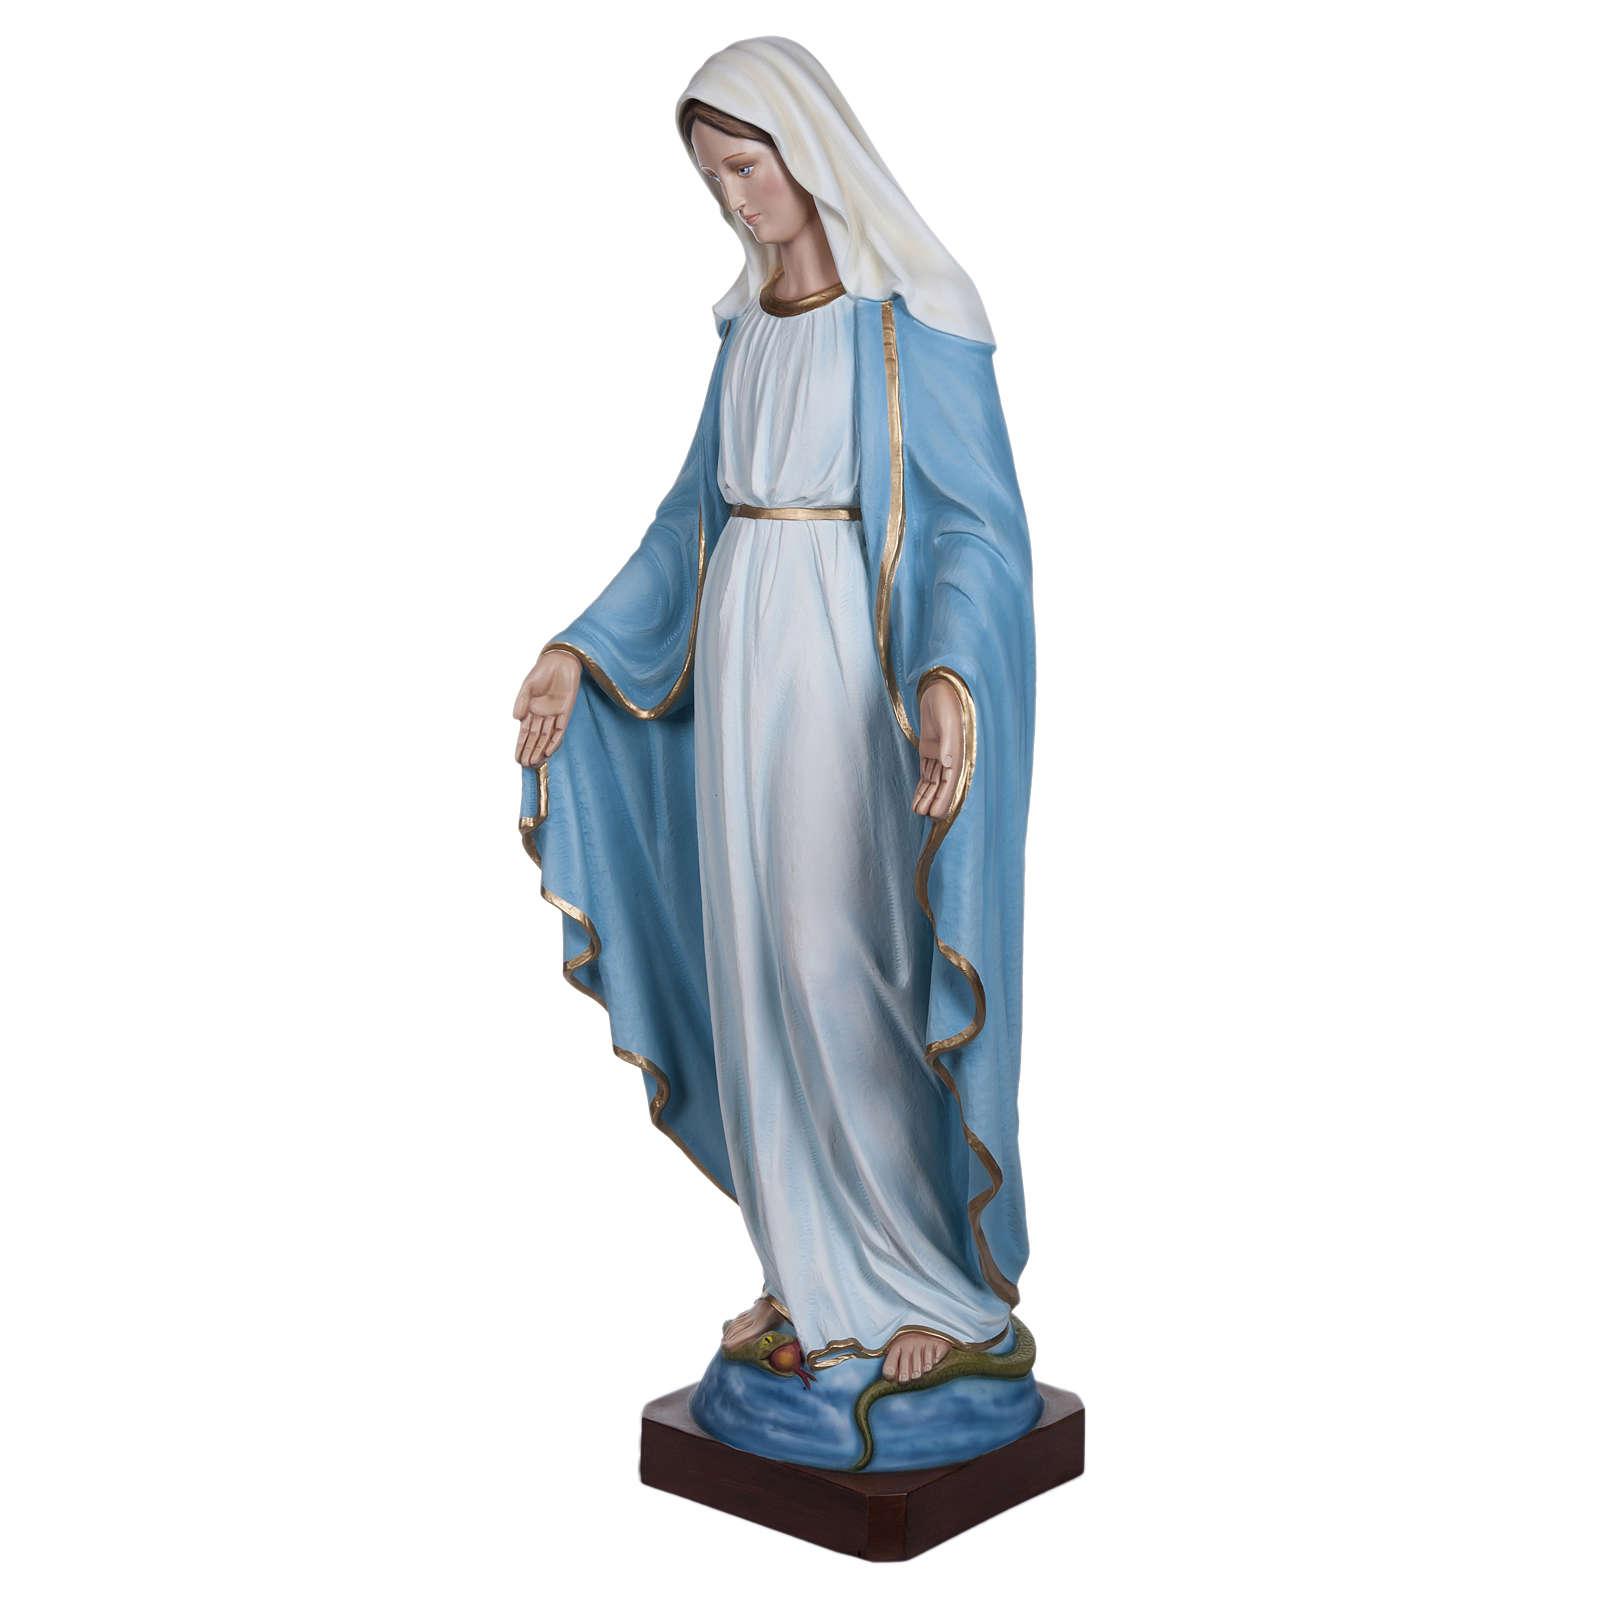 Estatua Virgen Inmaculada fibra de vidrio 130 cm PARA EXTERIOR 4